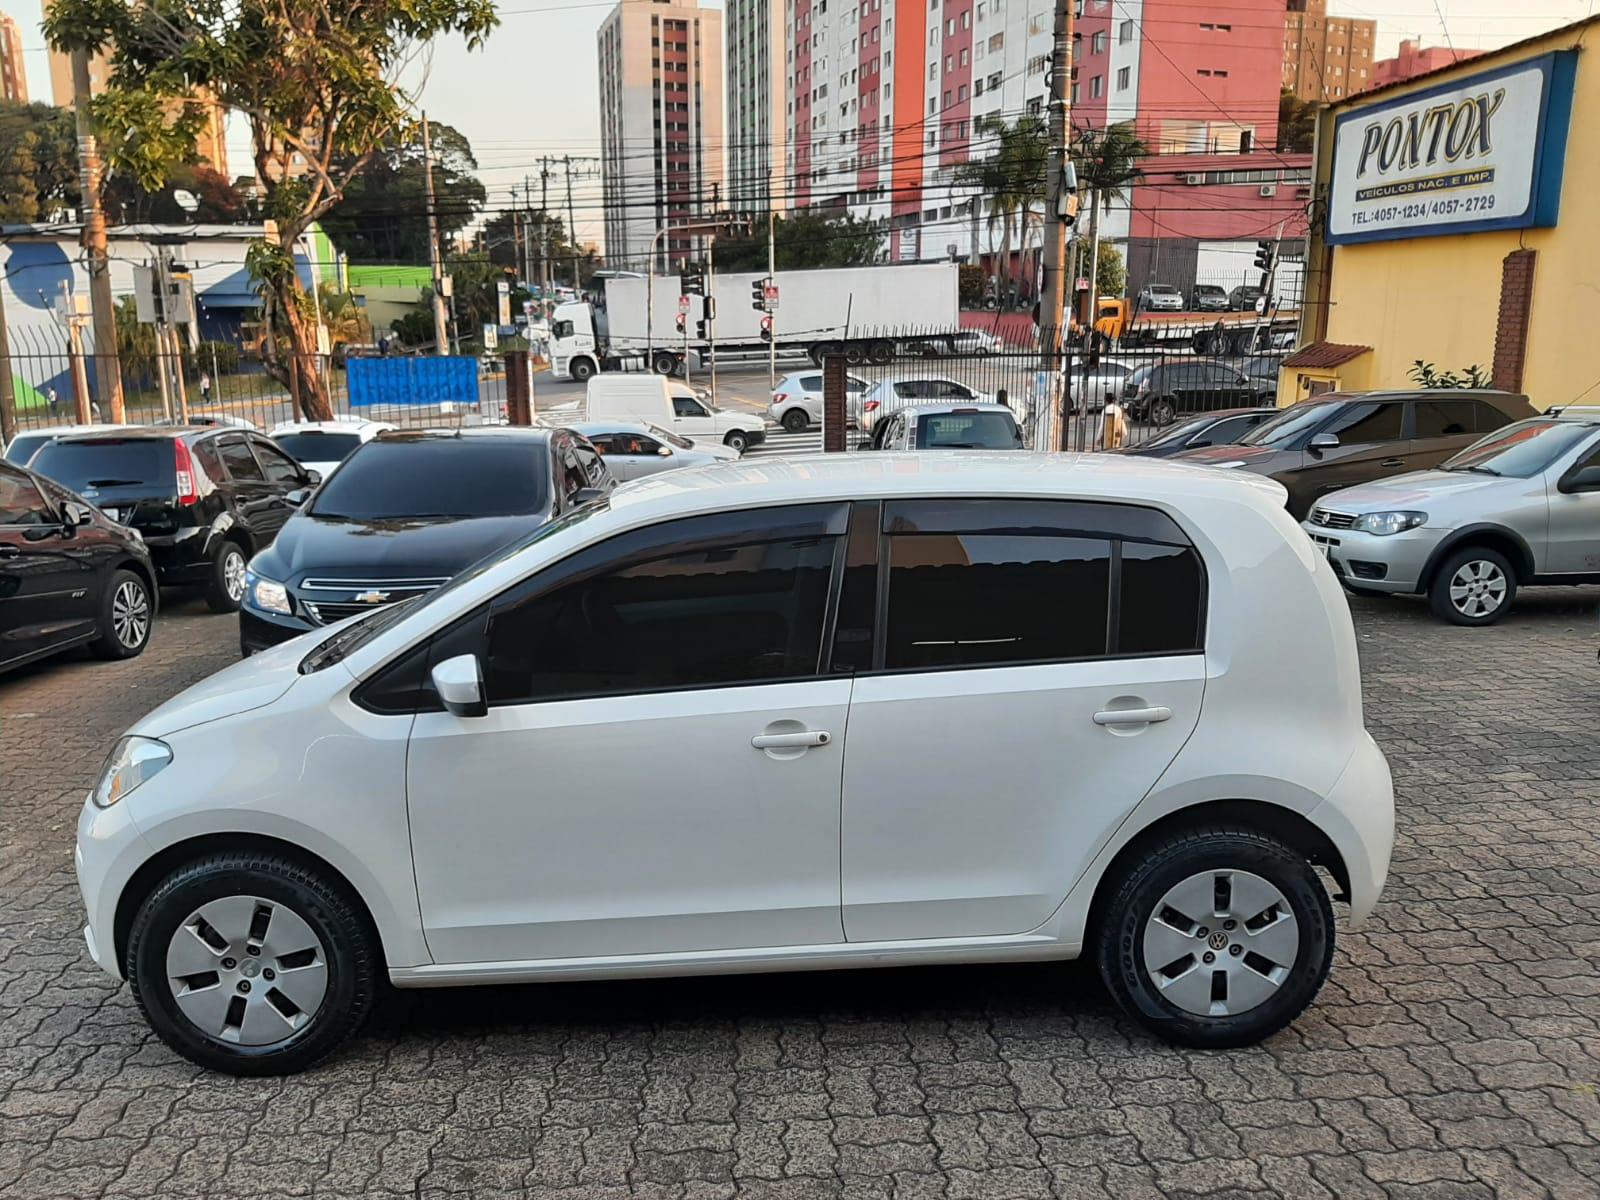 VW UP 1.0 TAKE , 2014/2015 ,SUPER NOVO , BAIXA KM ,COM AR DIREÇÃO VIDROS, OLHOU GOSTOU